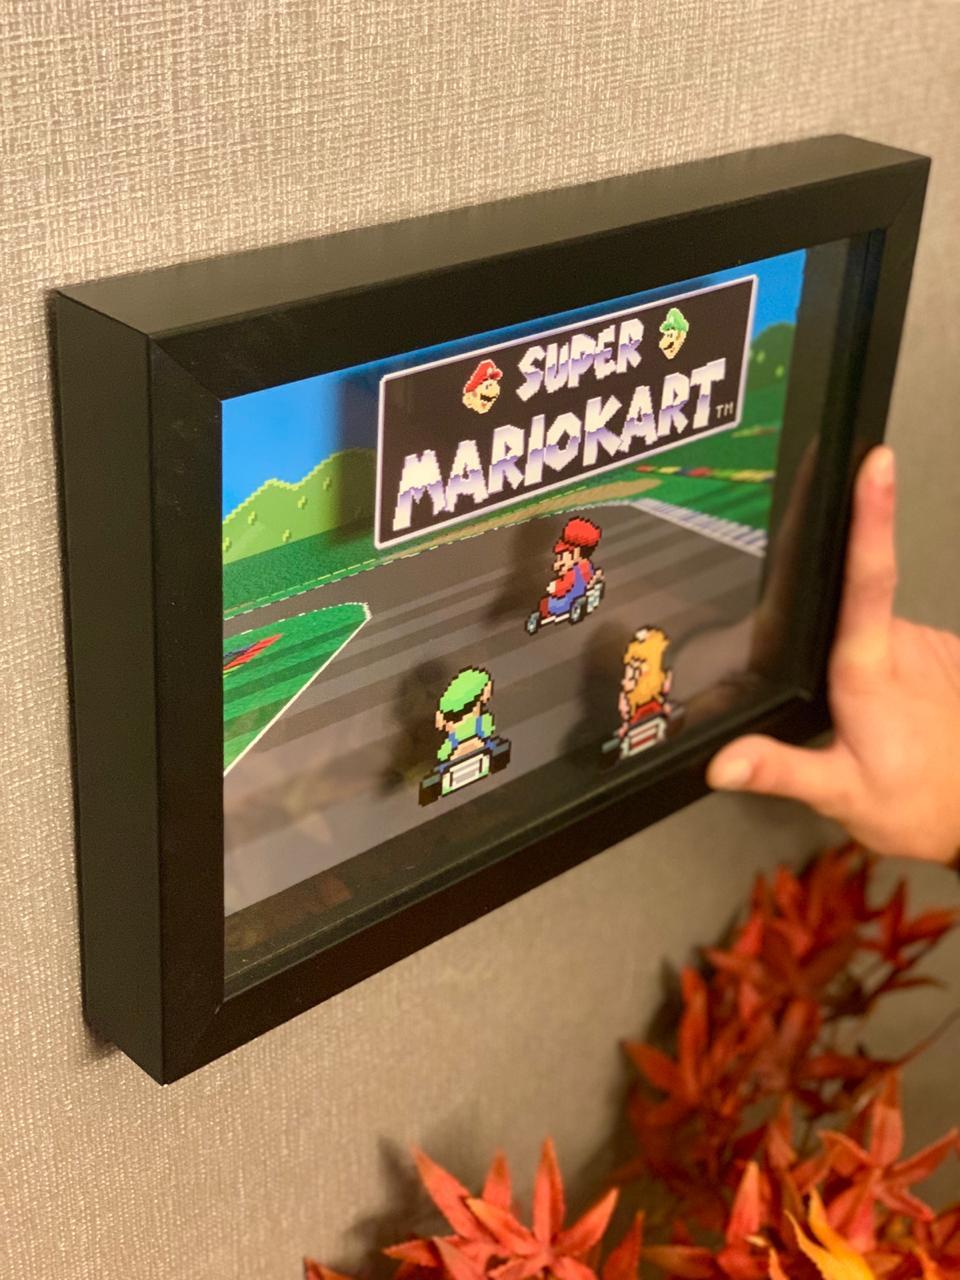 Quadro 3D : Super MarioKart